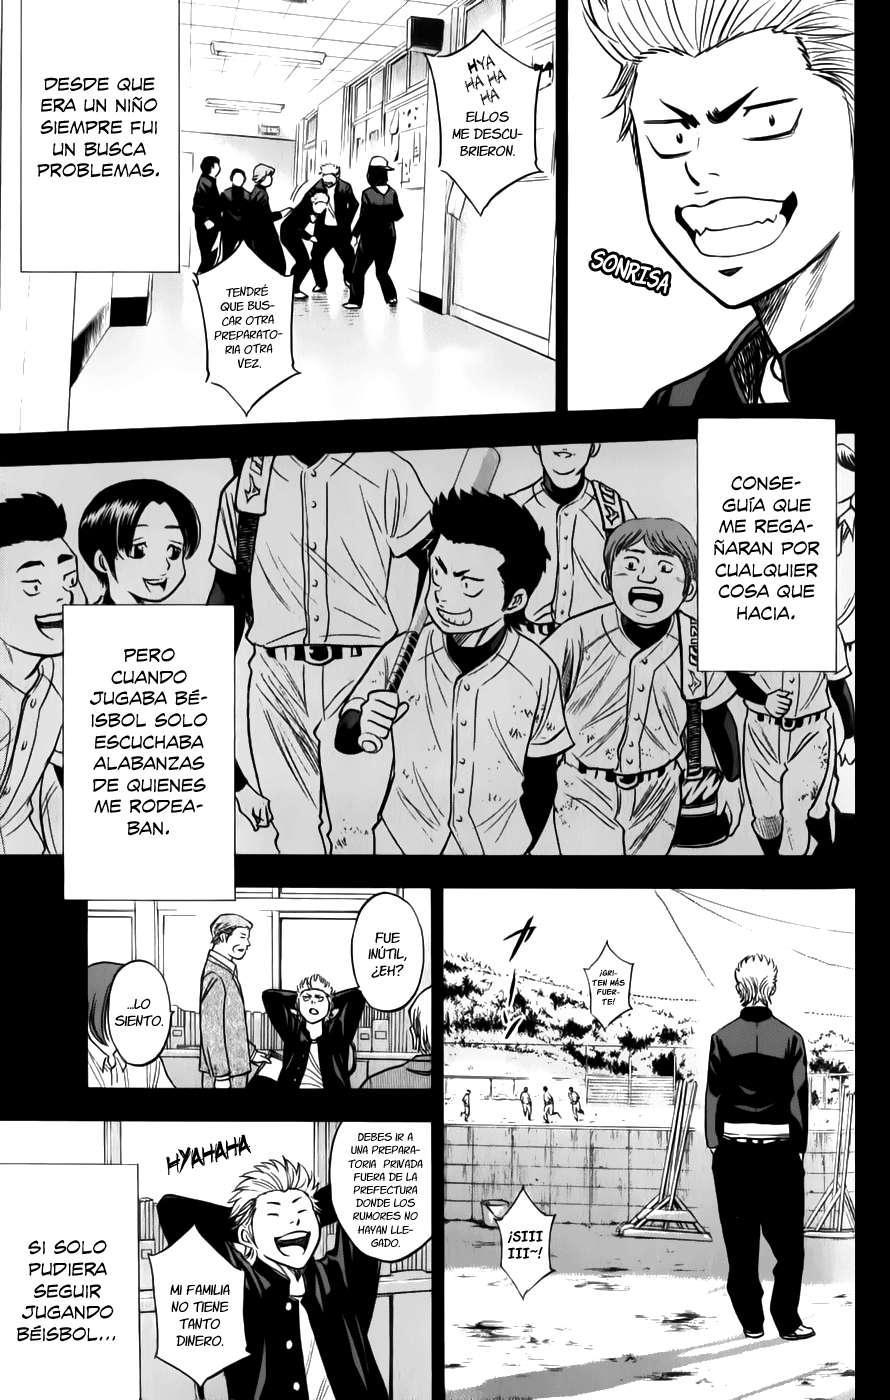 http://c5.ninemanga.com/es_manga/24/1752/395648/8766e809741d2b1a872aeb89522fc666.jpg Page 6